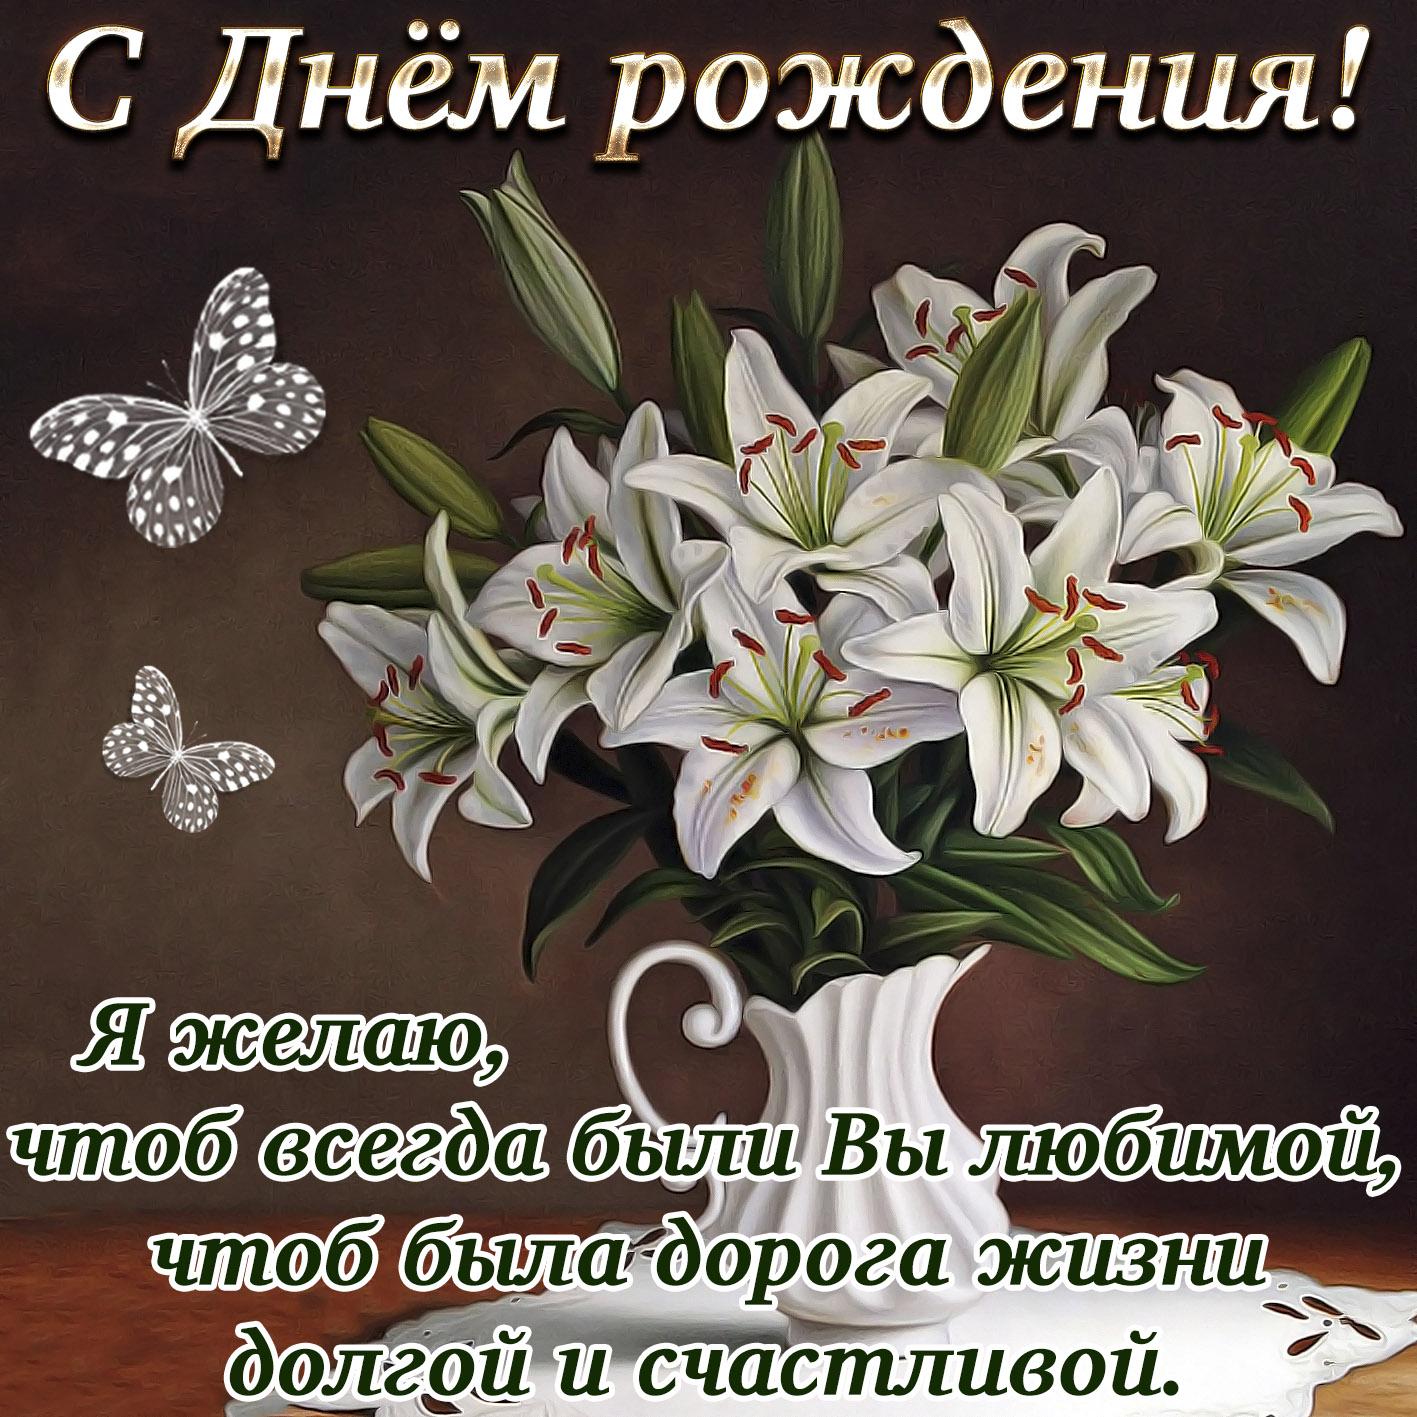 Поздравления с днем рождения захватывающие дух